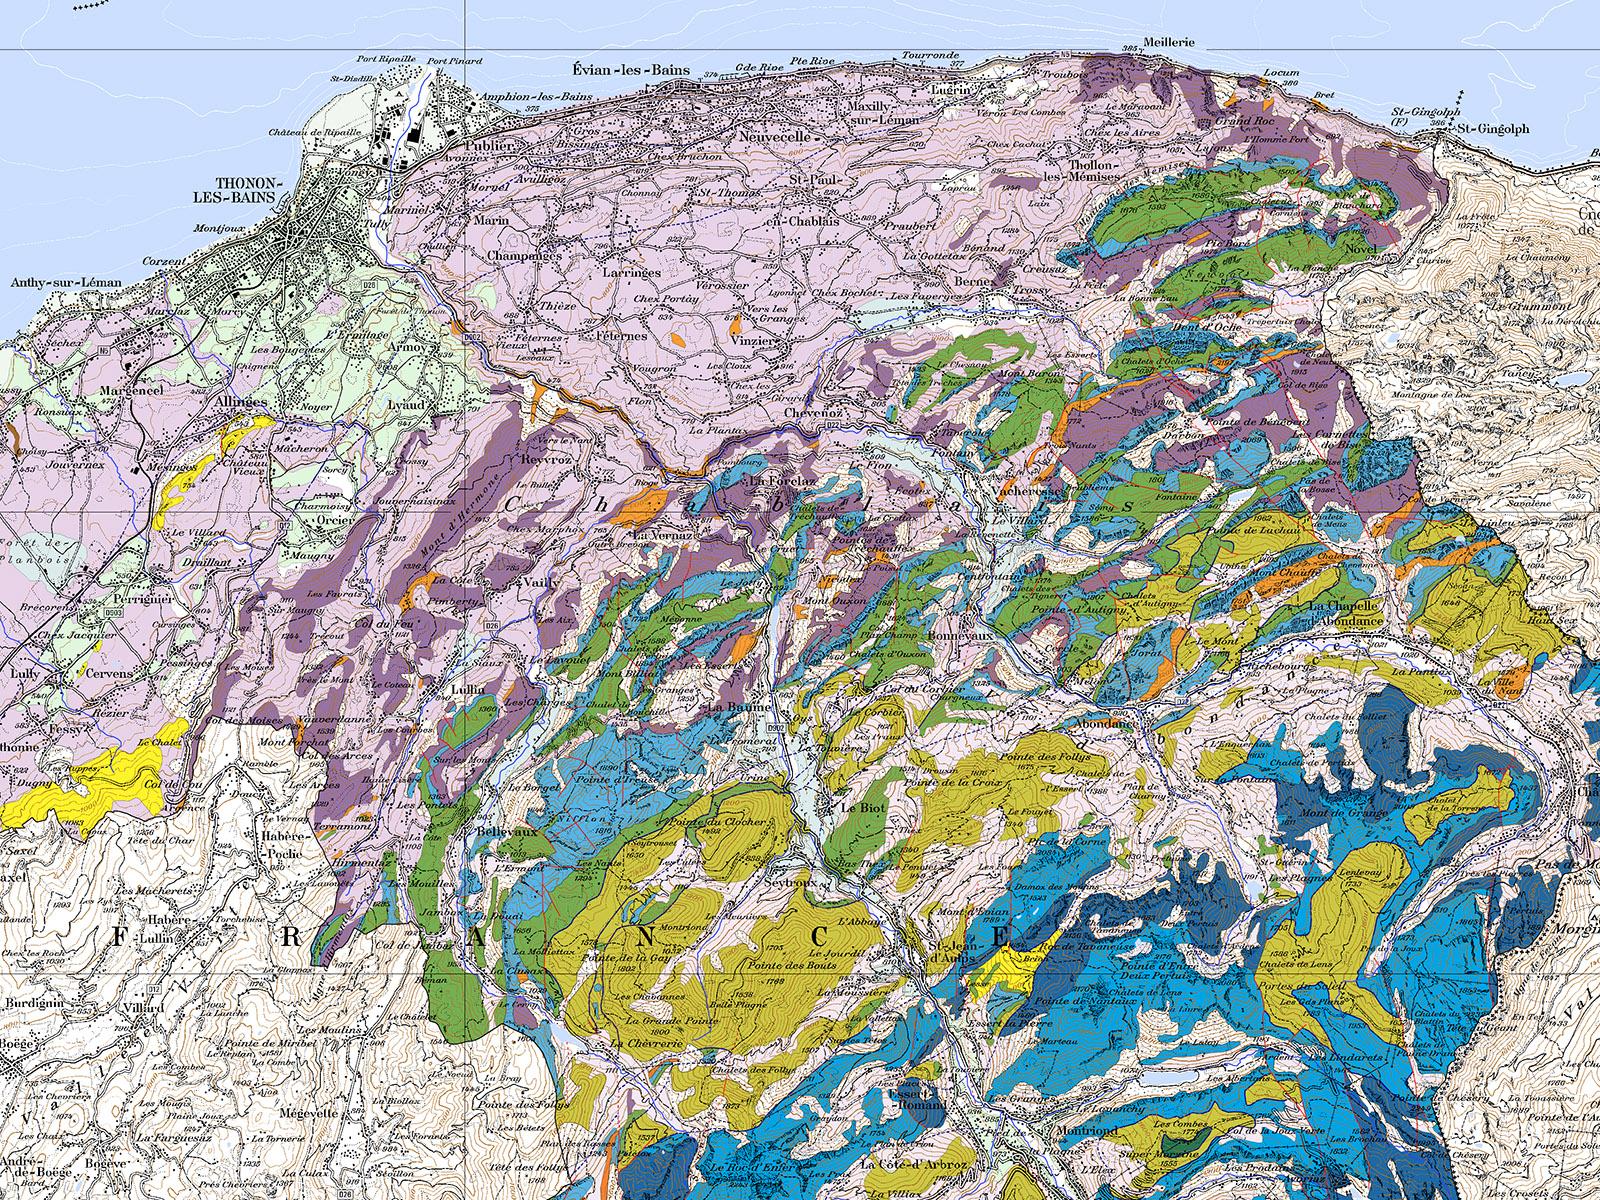 Fond de carte géologique simplifié.